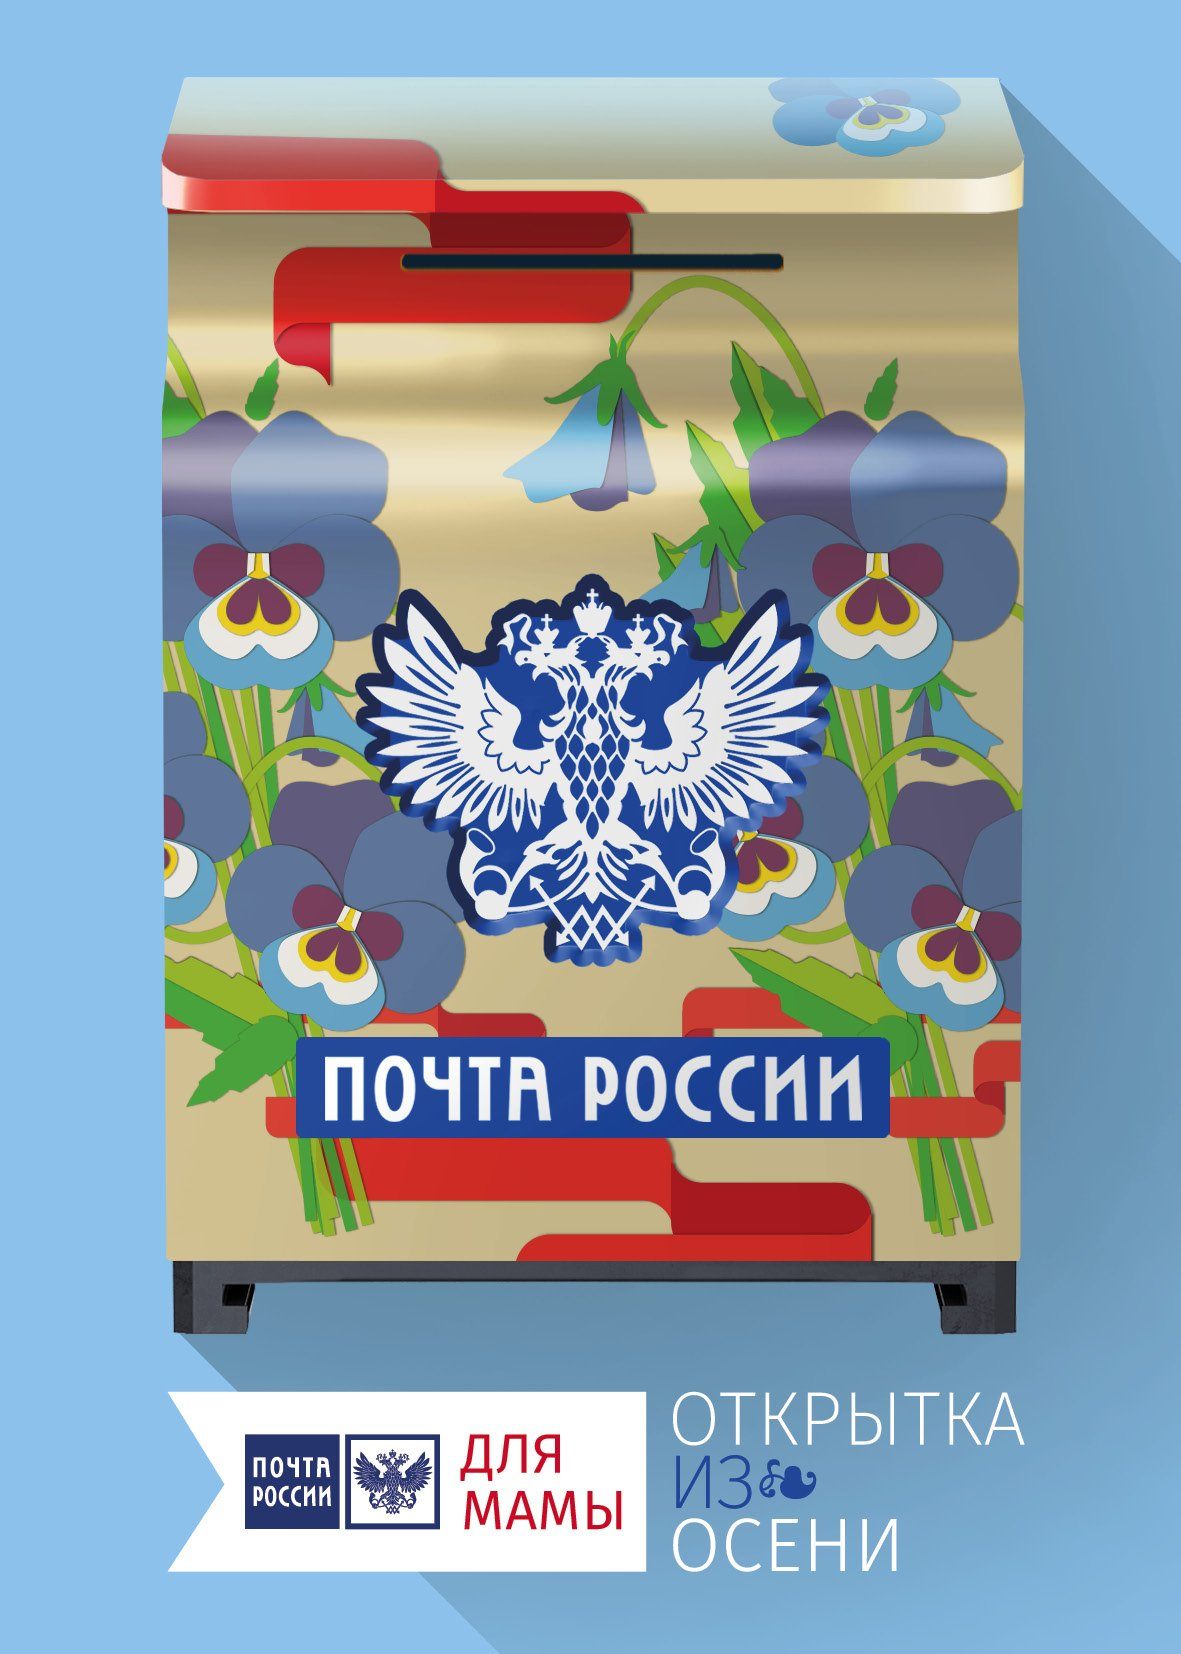 Открытки почта россии цена